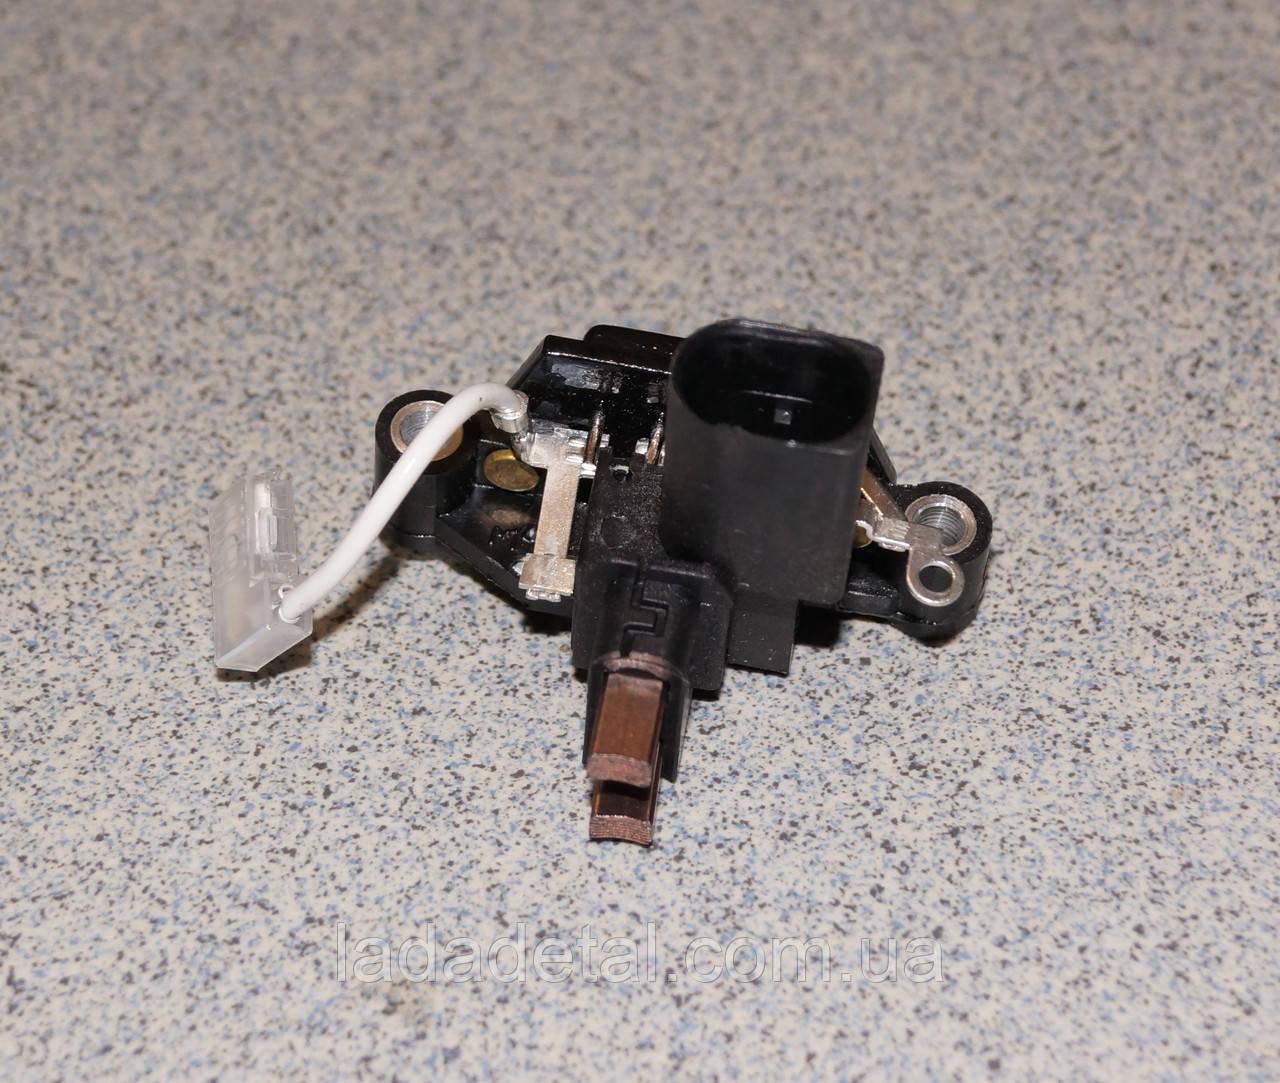 Регулятор напряжения (щеточный узел) ВАЗ 2110-12 ЭЛТРА 848.3702